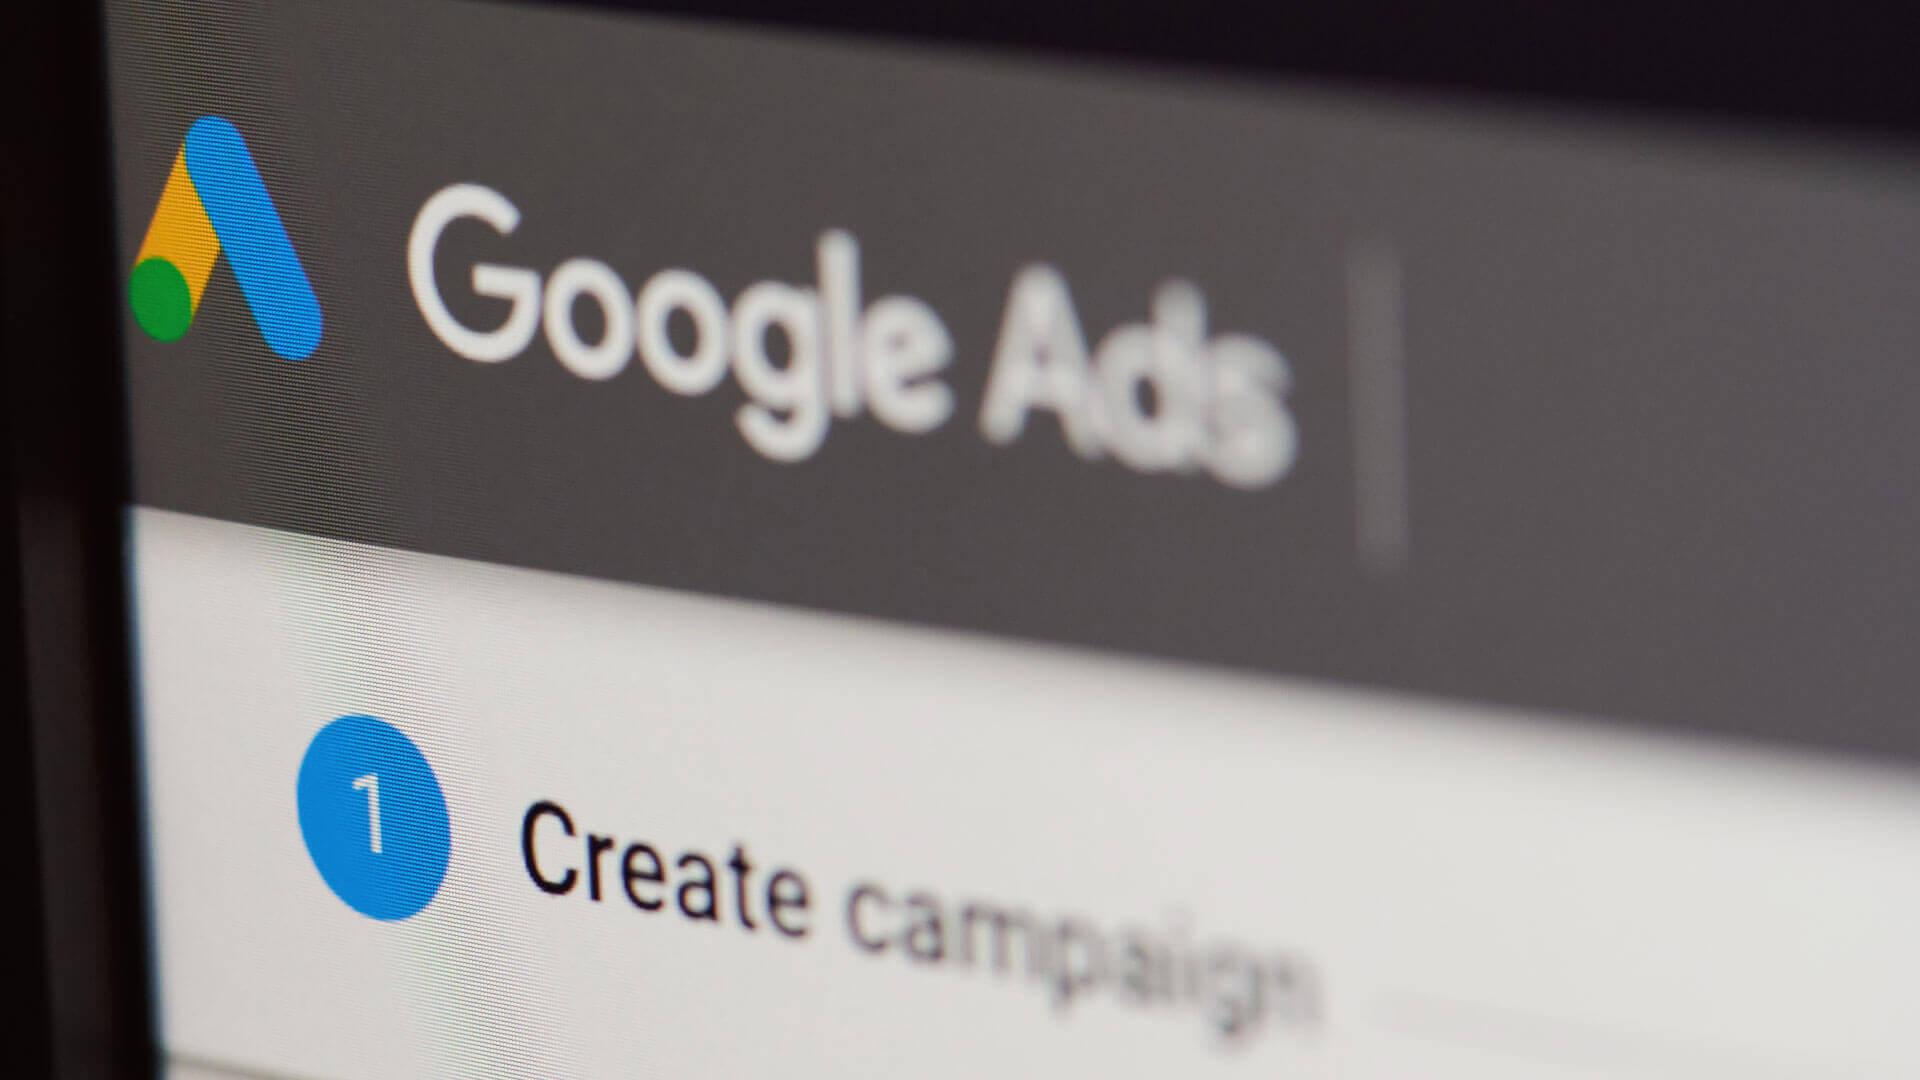 ¿Cuándo debería iniciar una campaña de Google Ads?